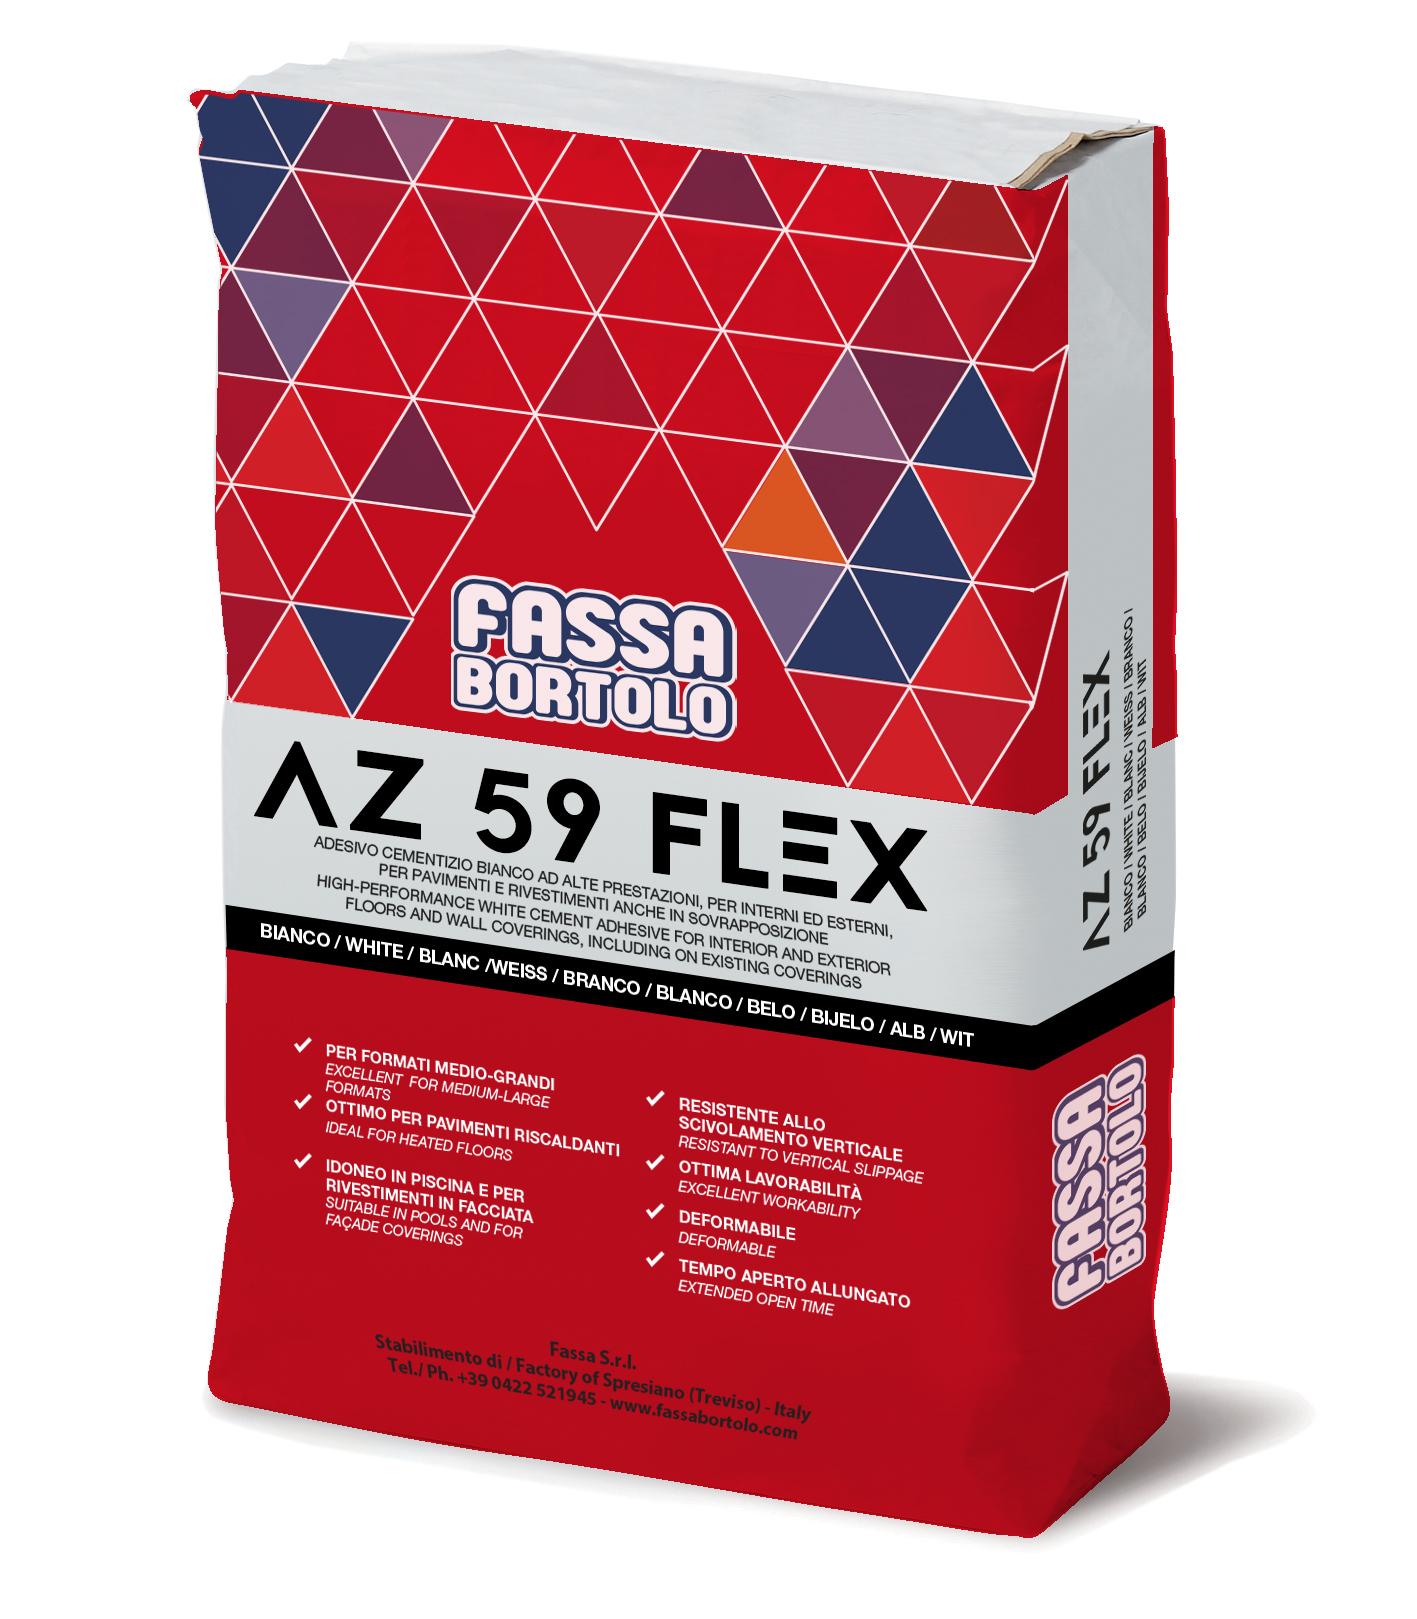 AZ 59 FLEX: Adesivo monocomponente a buona elasticità, bianco e grigio, per pavimenti e rivestimenti sia in esterno che interno